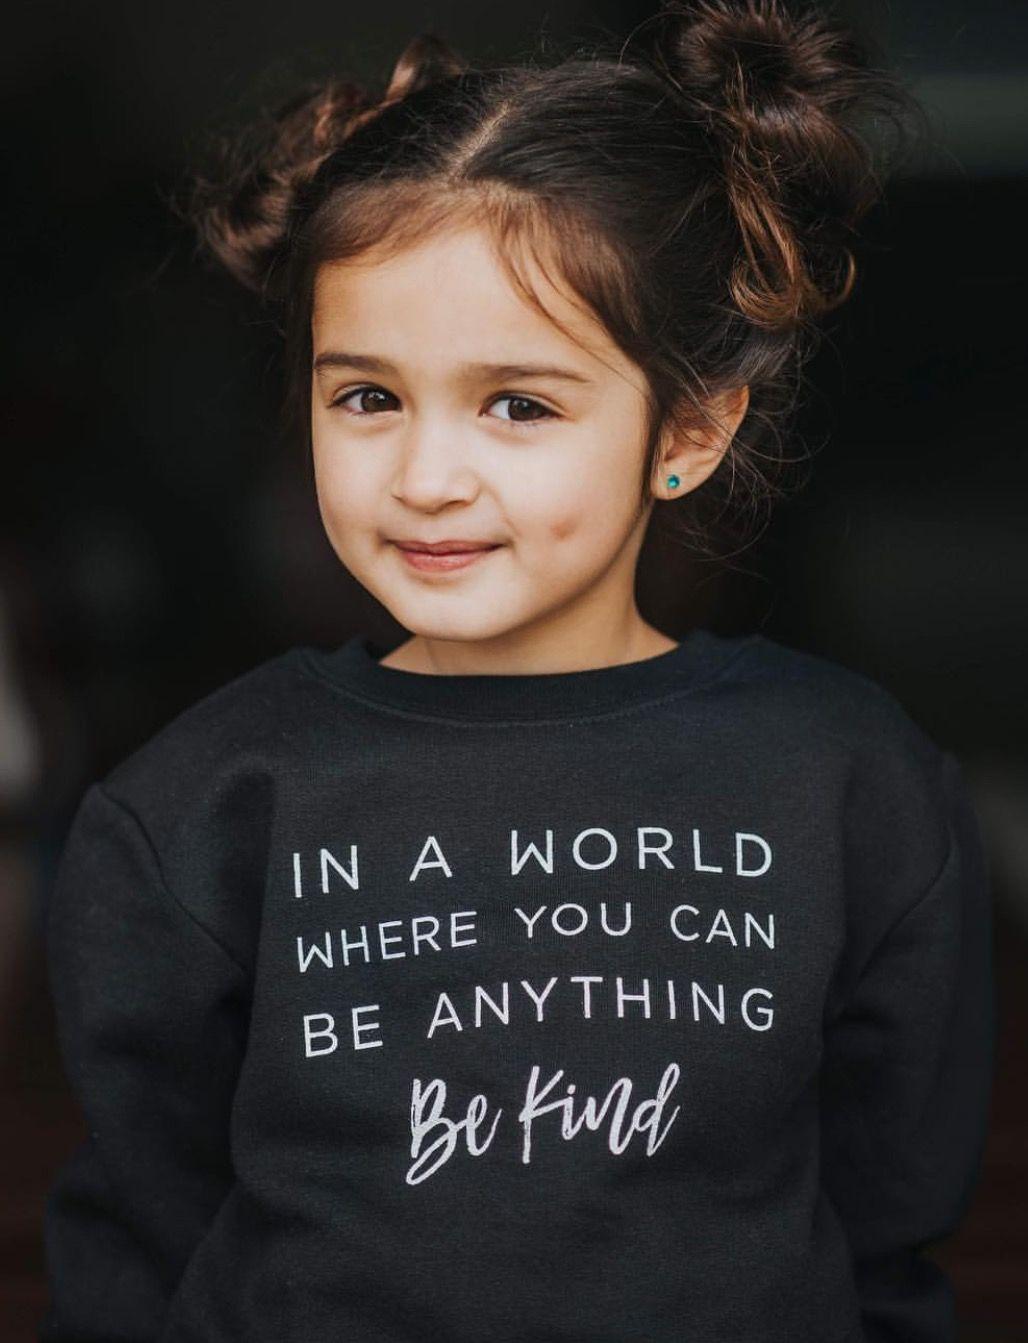 صور أطفال جميلة 2020 اجمل صور الاطفال صور بيبى جميلة ولاد وبنات صغار 23